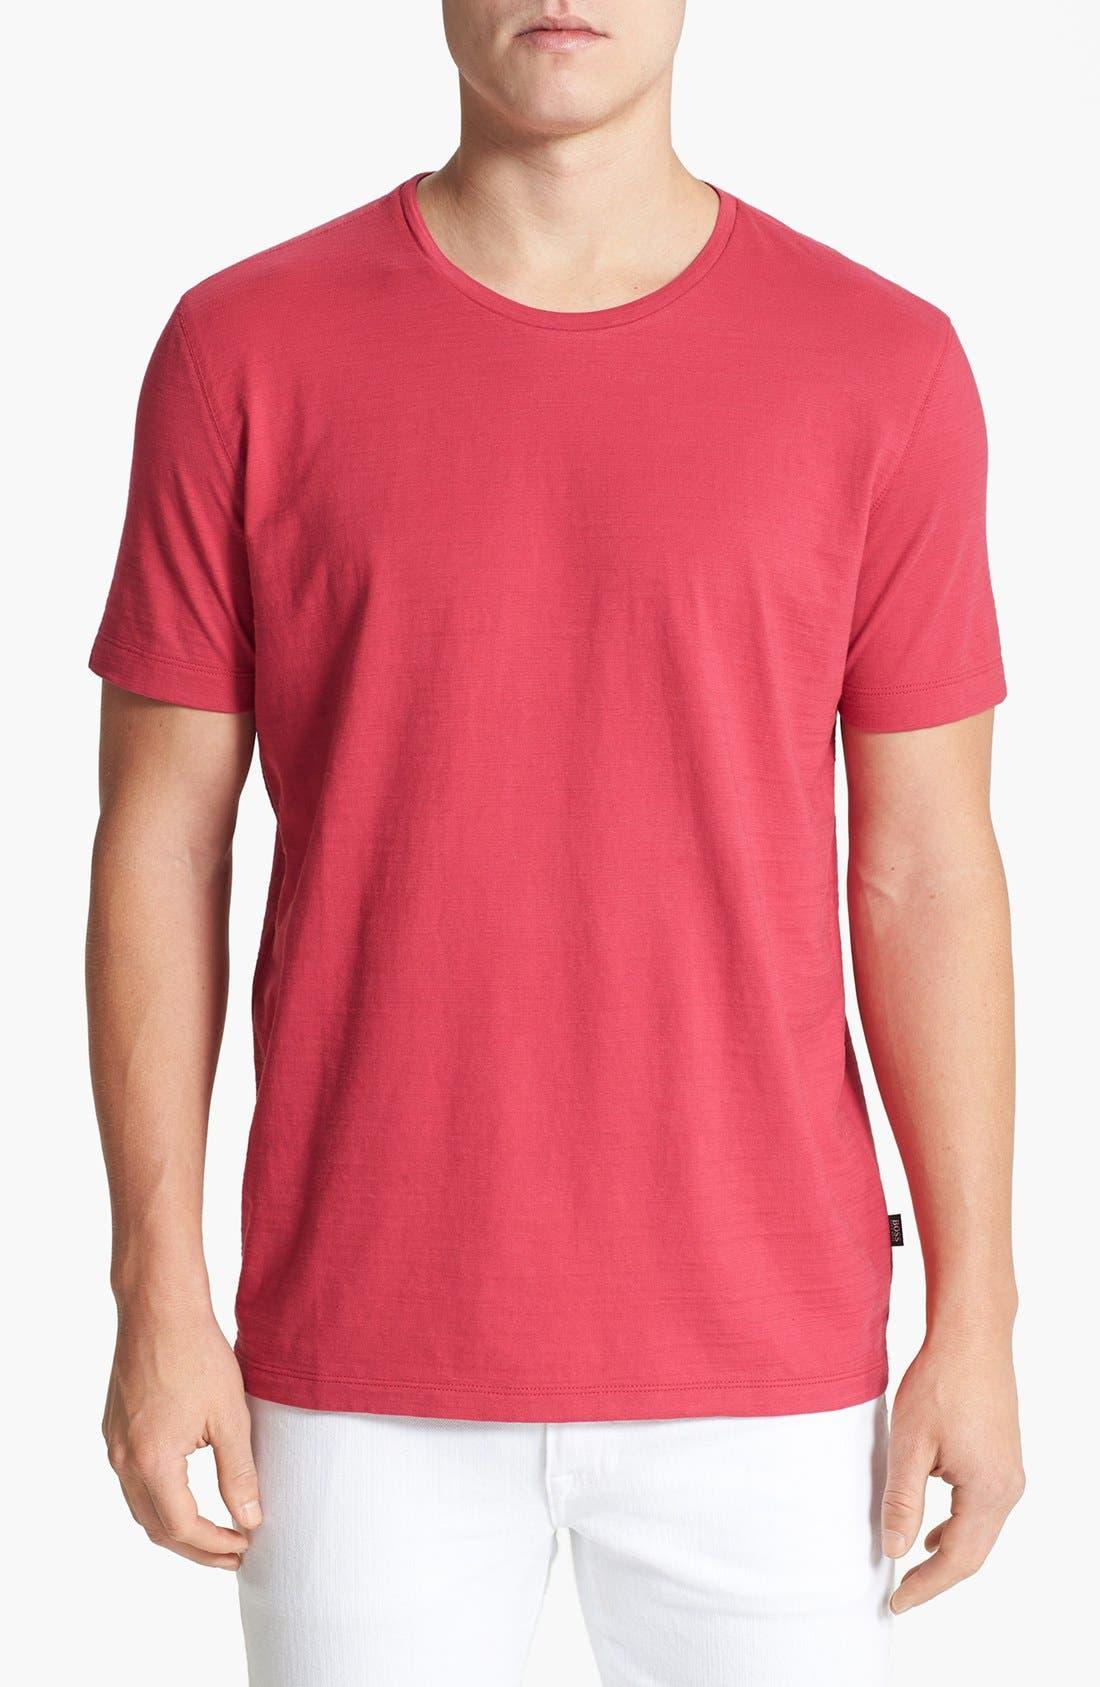 Main Image - BOSS HUGO BOSS 'Terni 103' Regular Fit Crewneck T-Shirt